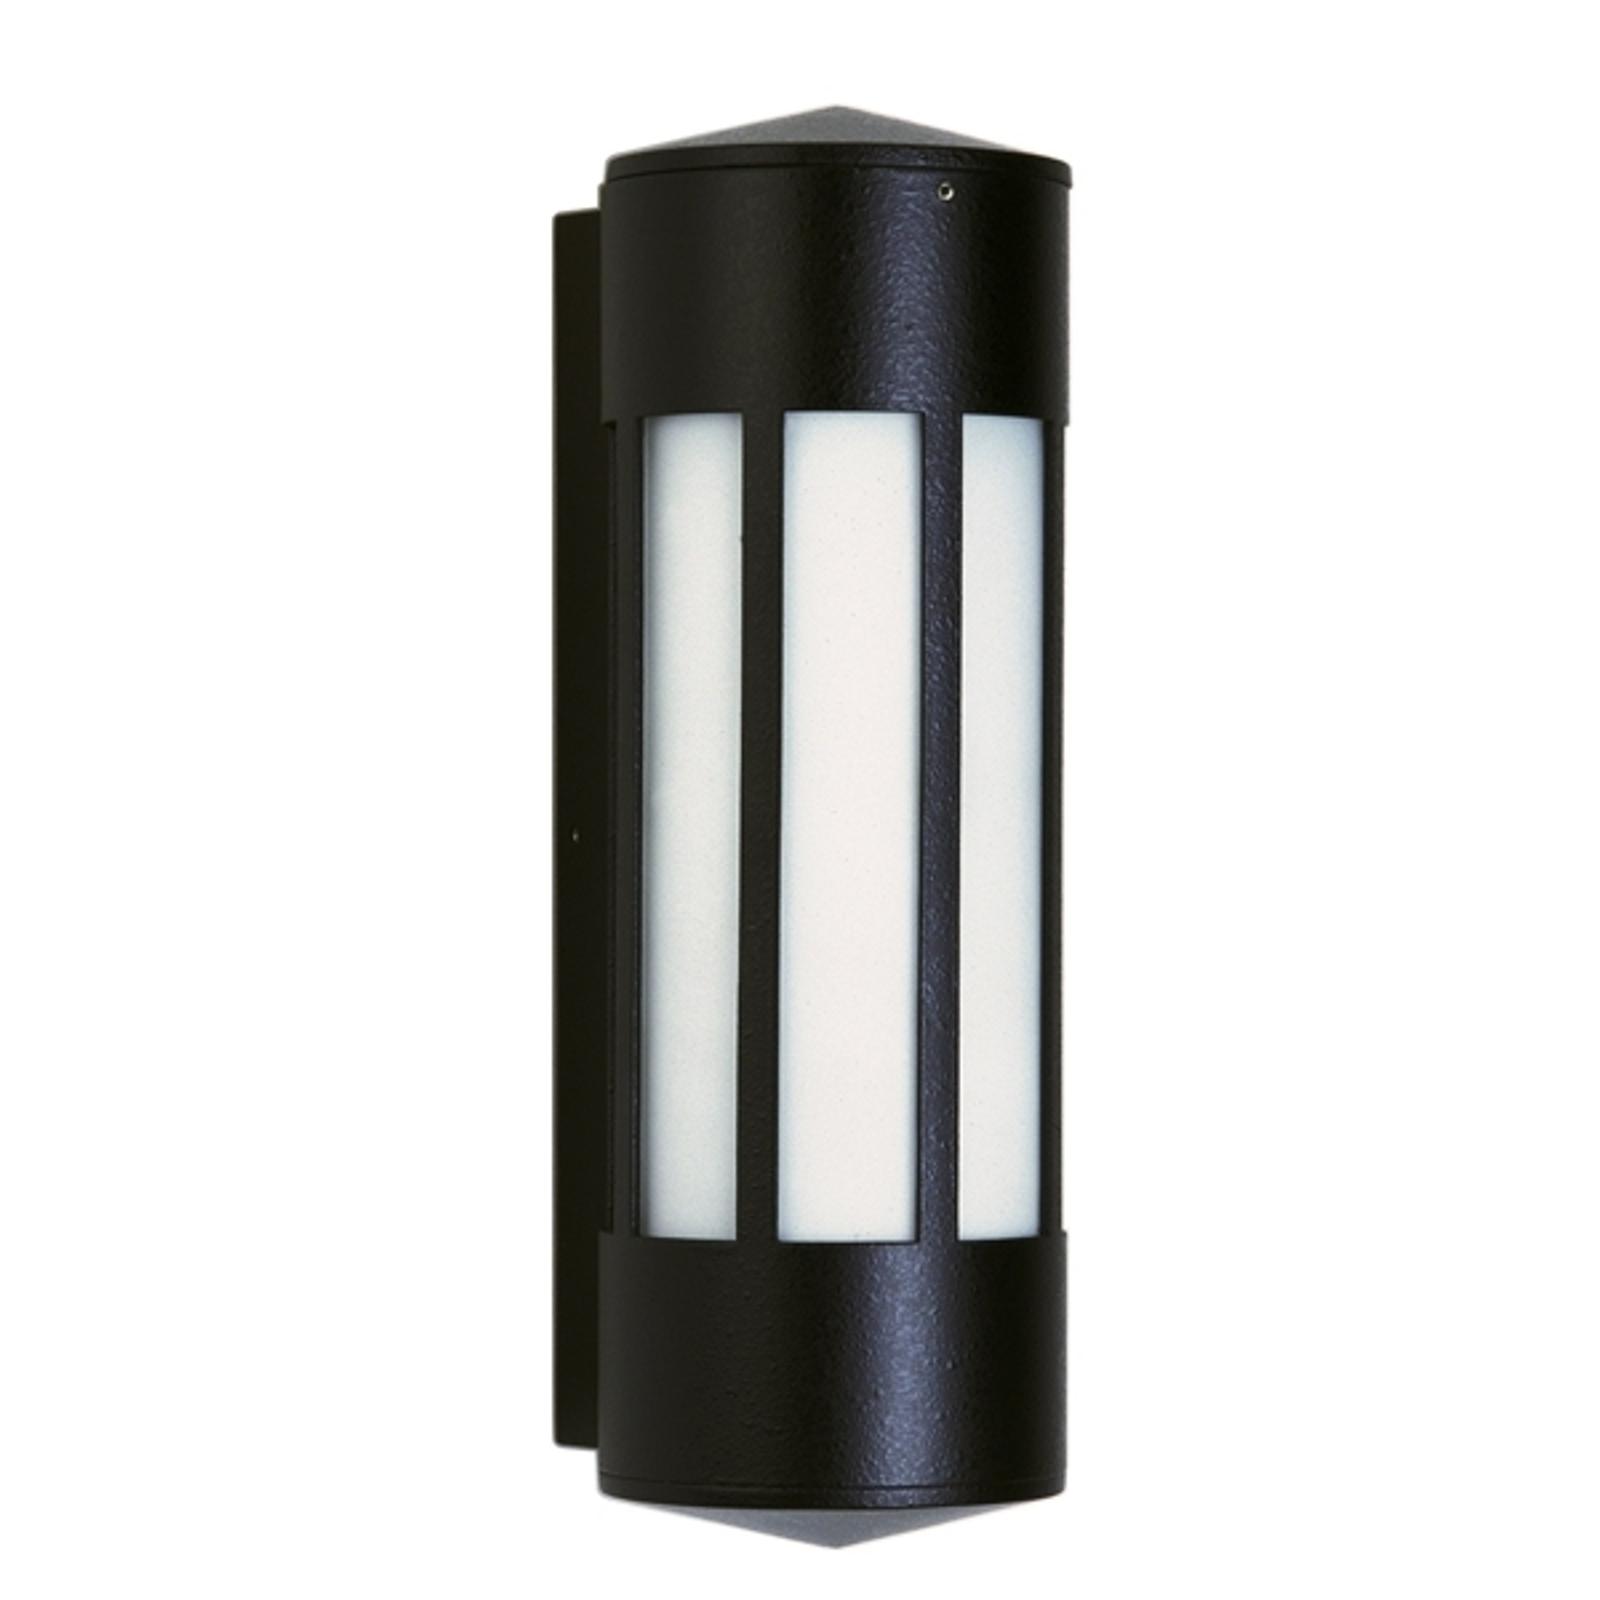 Interesująca zewnętrzna lampa ścienna 247 S